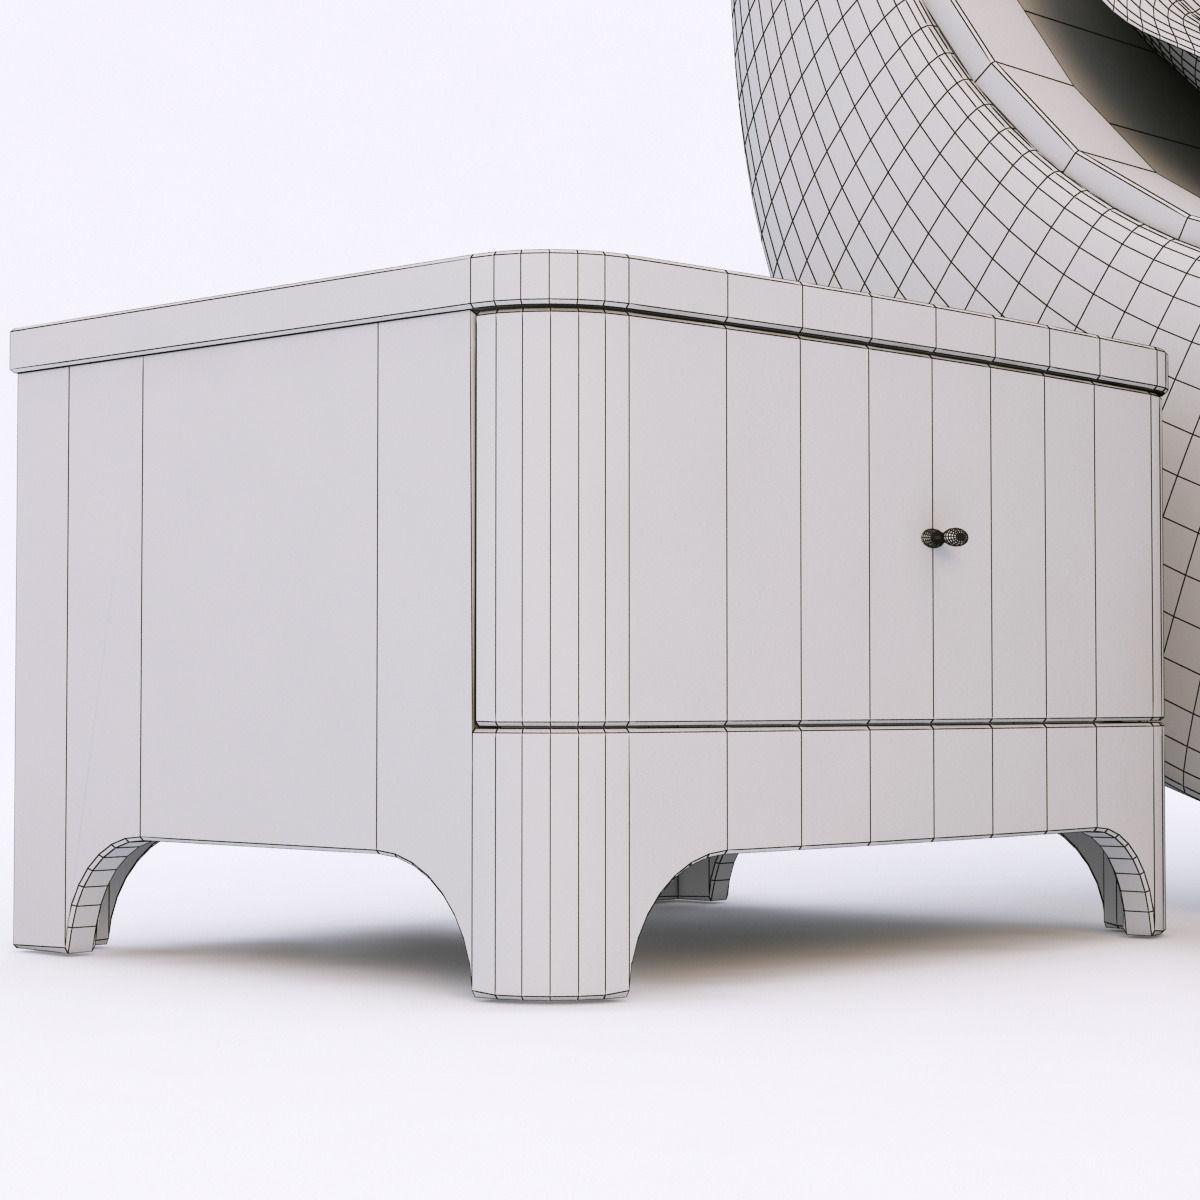 Woodways bossa nova bedroom set 3d model max obj fbx - Nova bedroom furniture collection ...